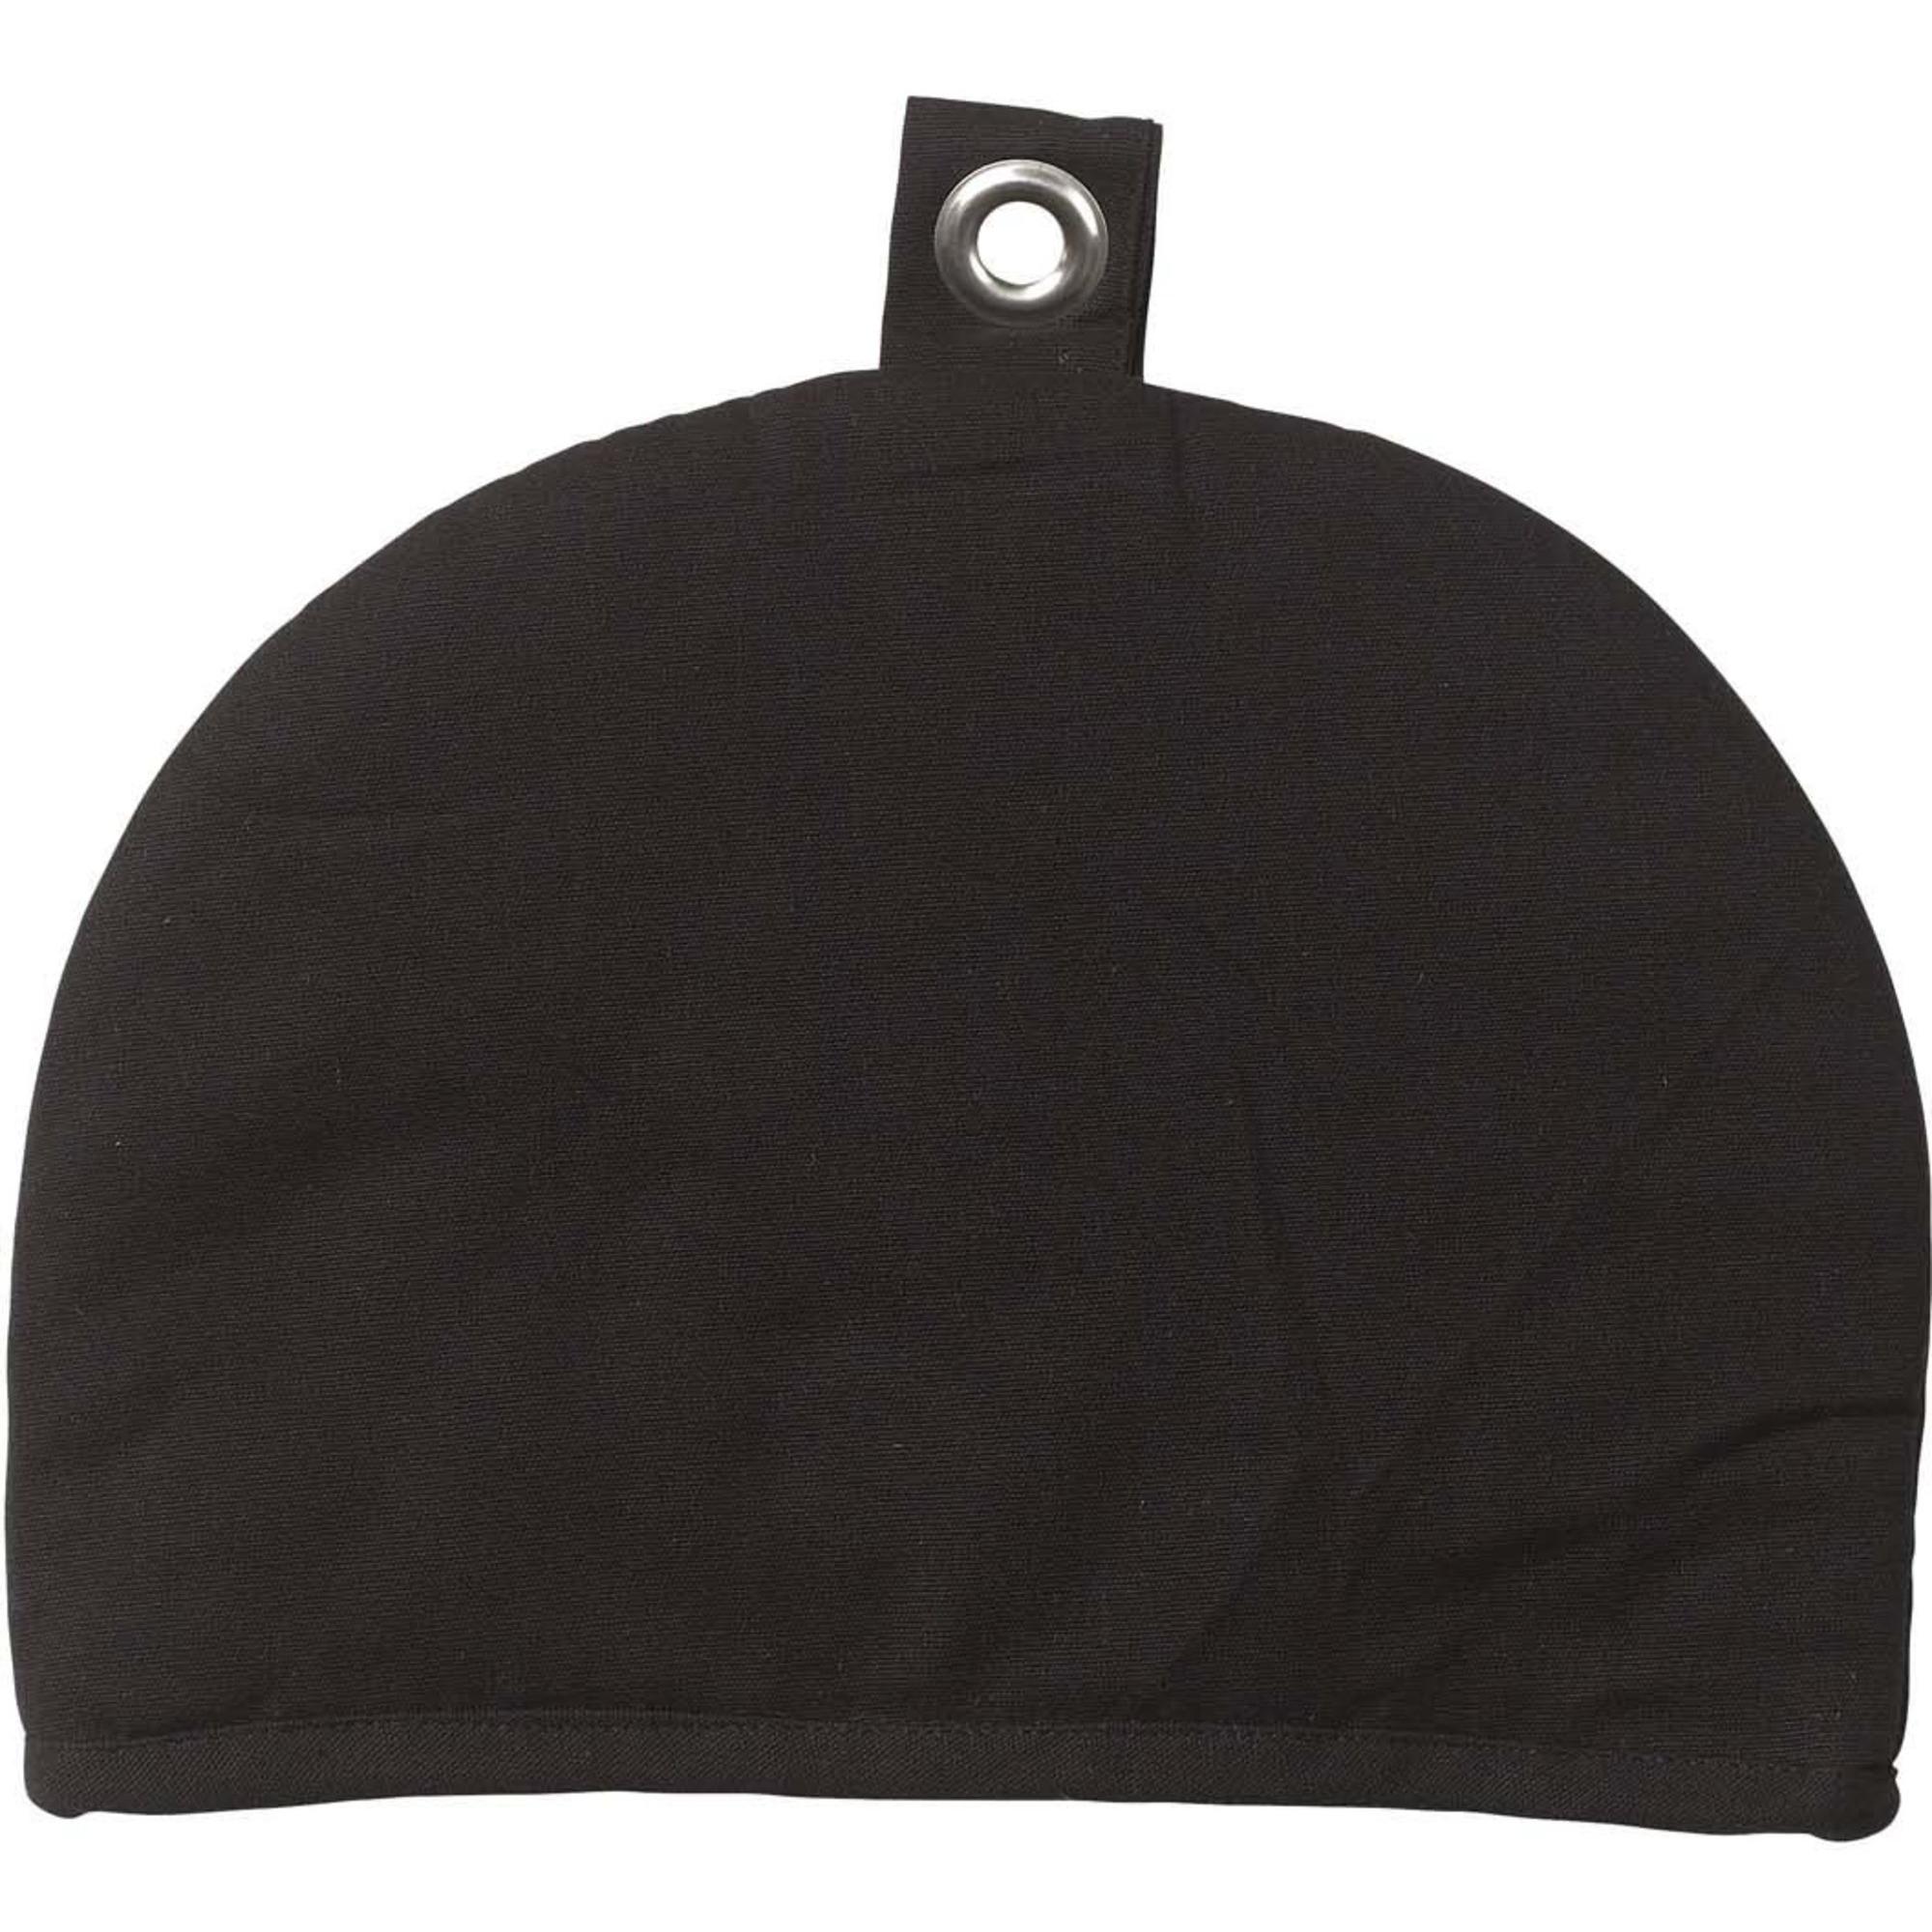 Södahl Tehuva 36×26 Gastro svart